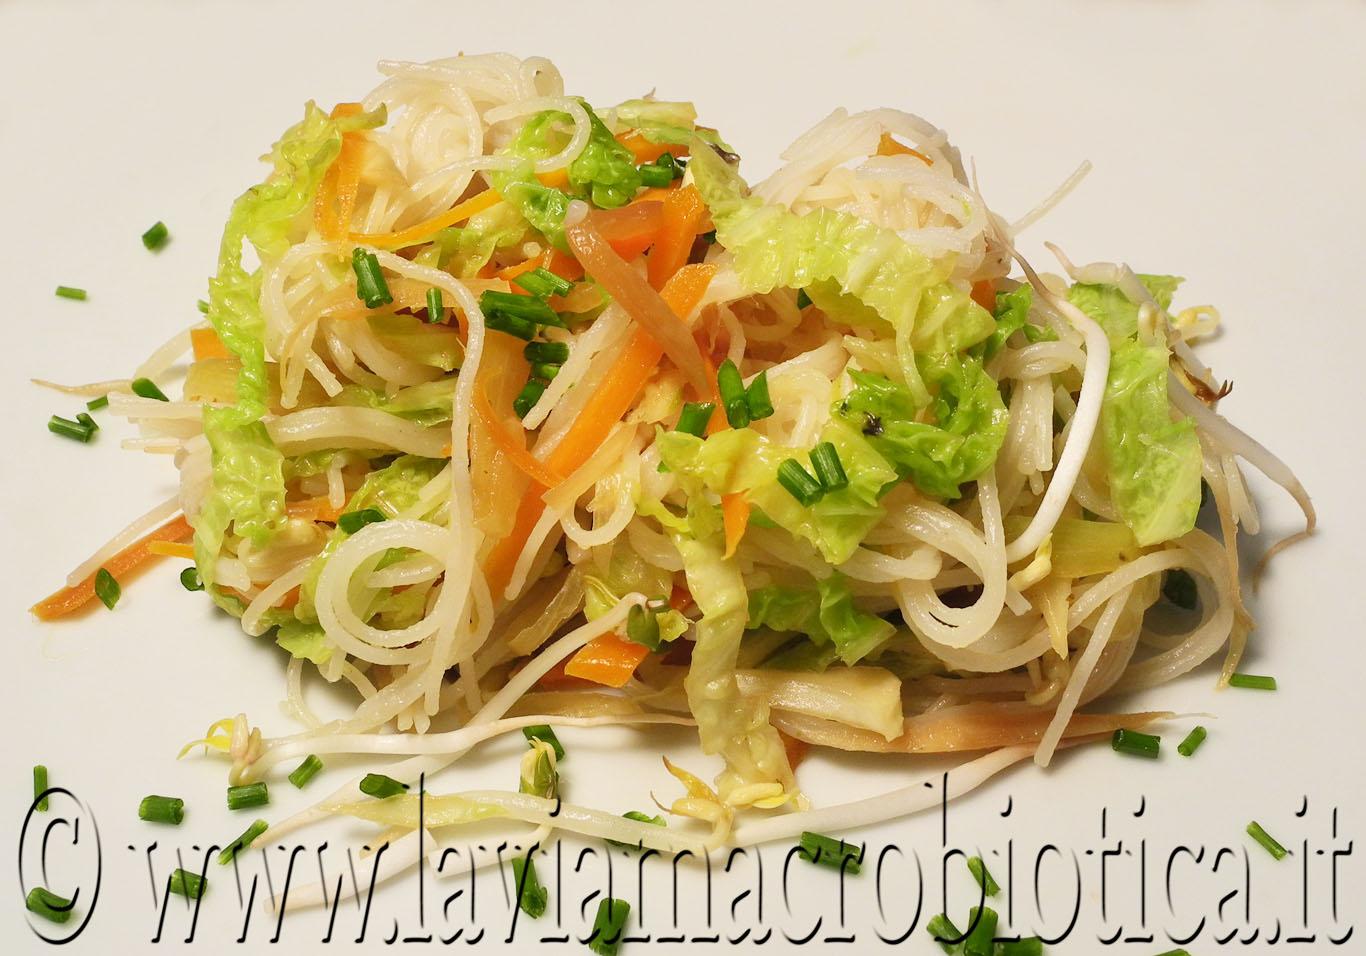 Noodles di riso con verdure | La Via Macrobiotica